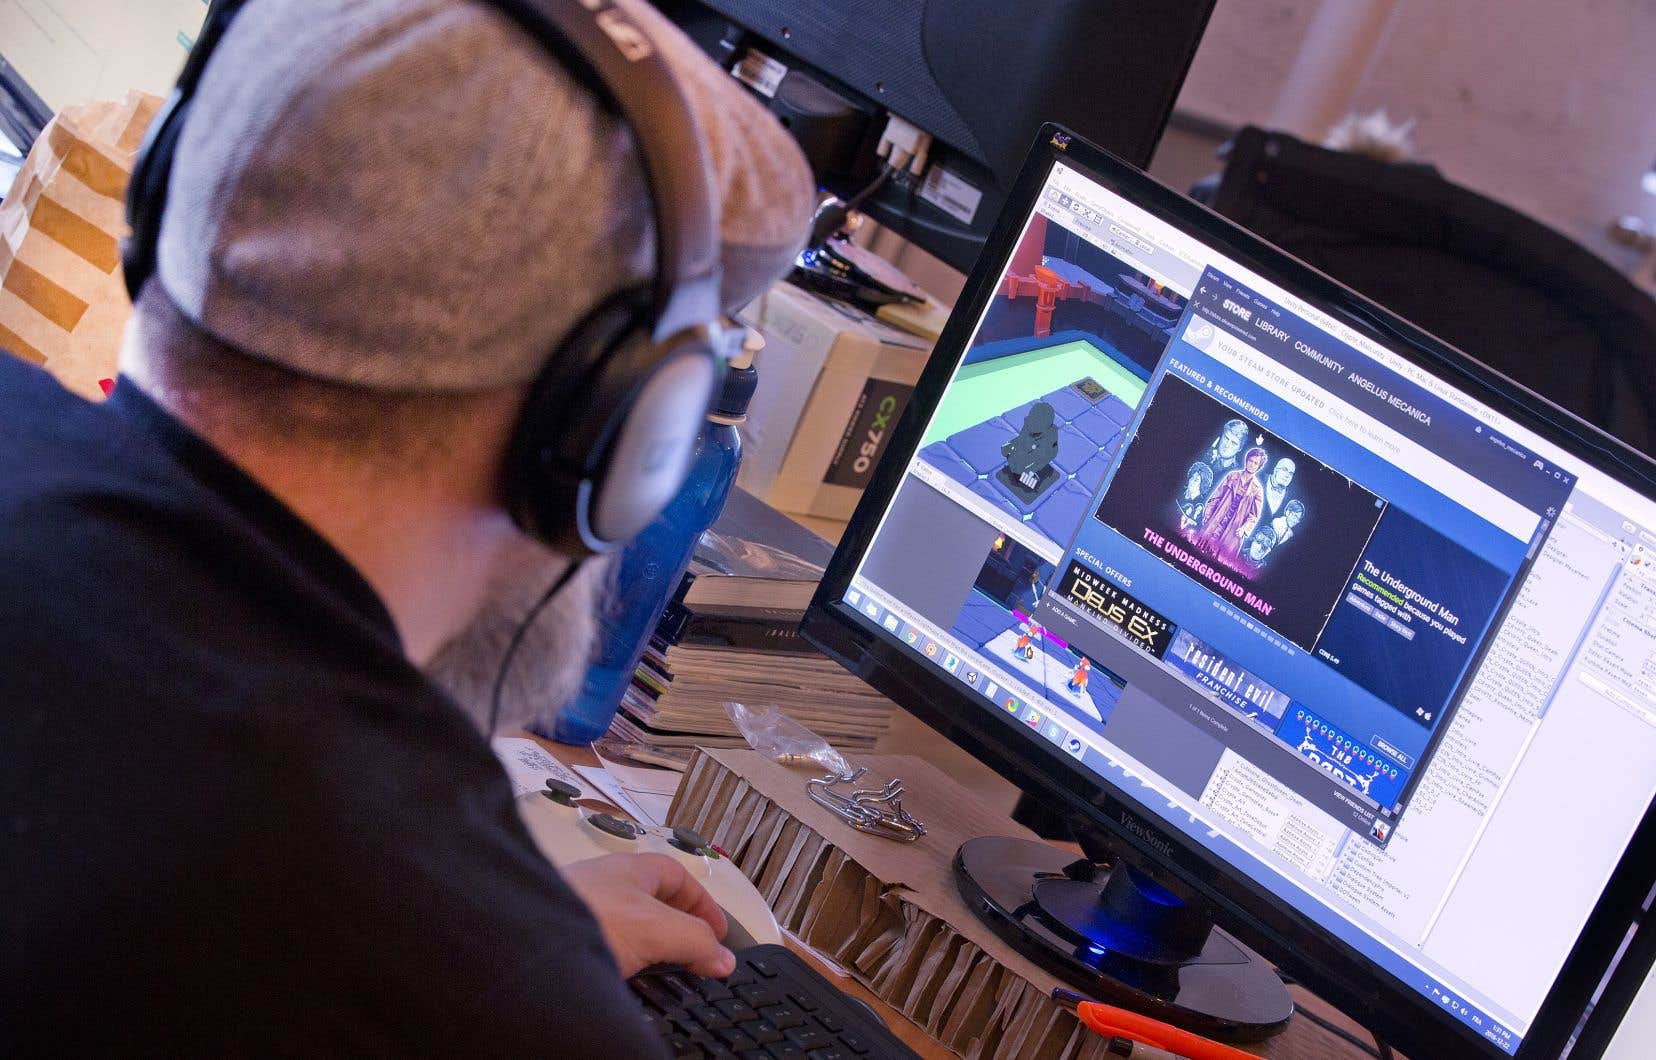 Le crédit d'impôt dont profite l'industrie du jeu vidéo ne fait pas l'unanimité. Selon une étude publiée en septembre, il n'est pas rentable et profiterait davantage aux sociétés étrangères.